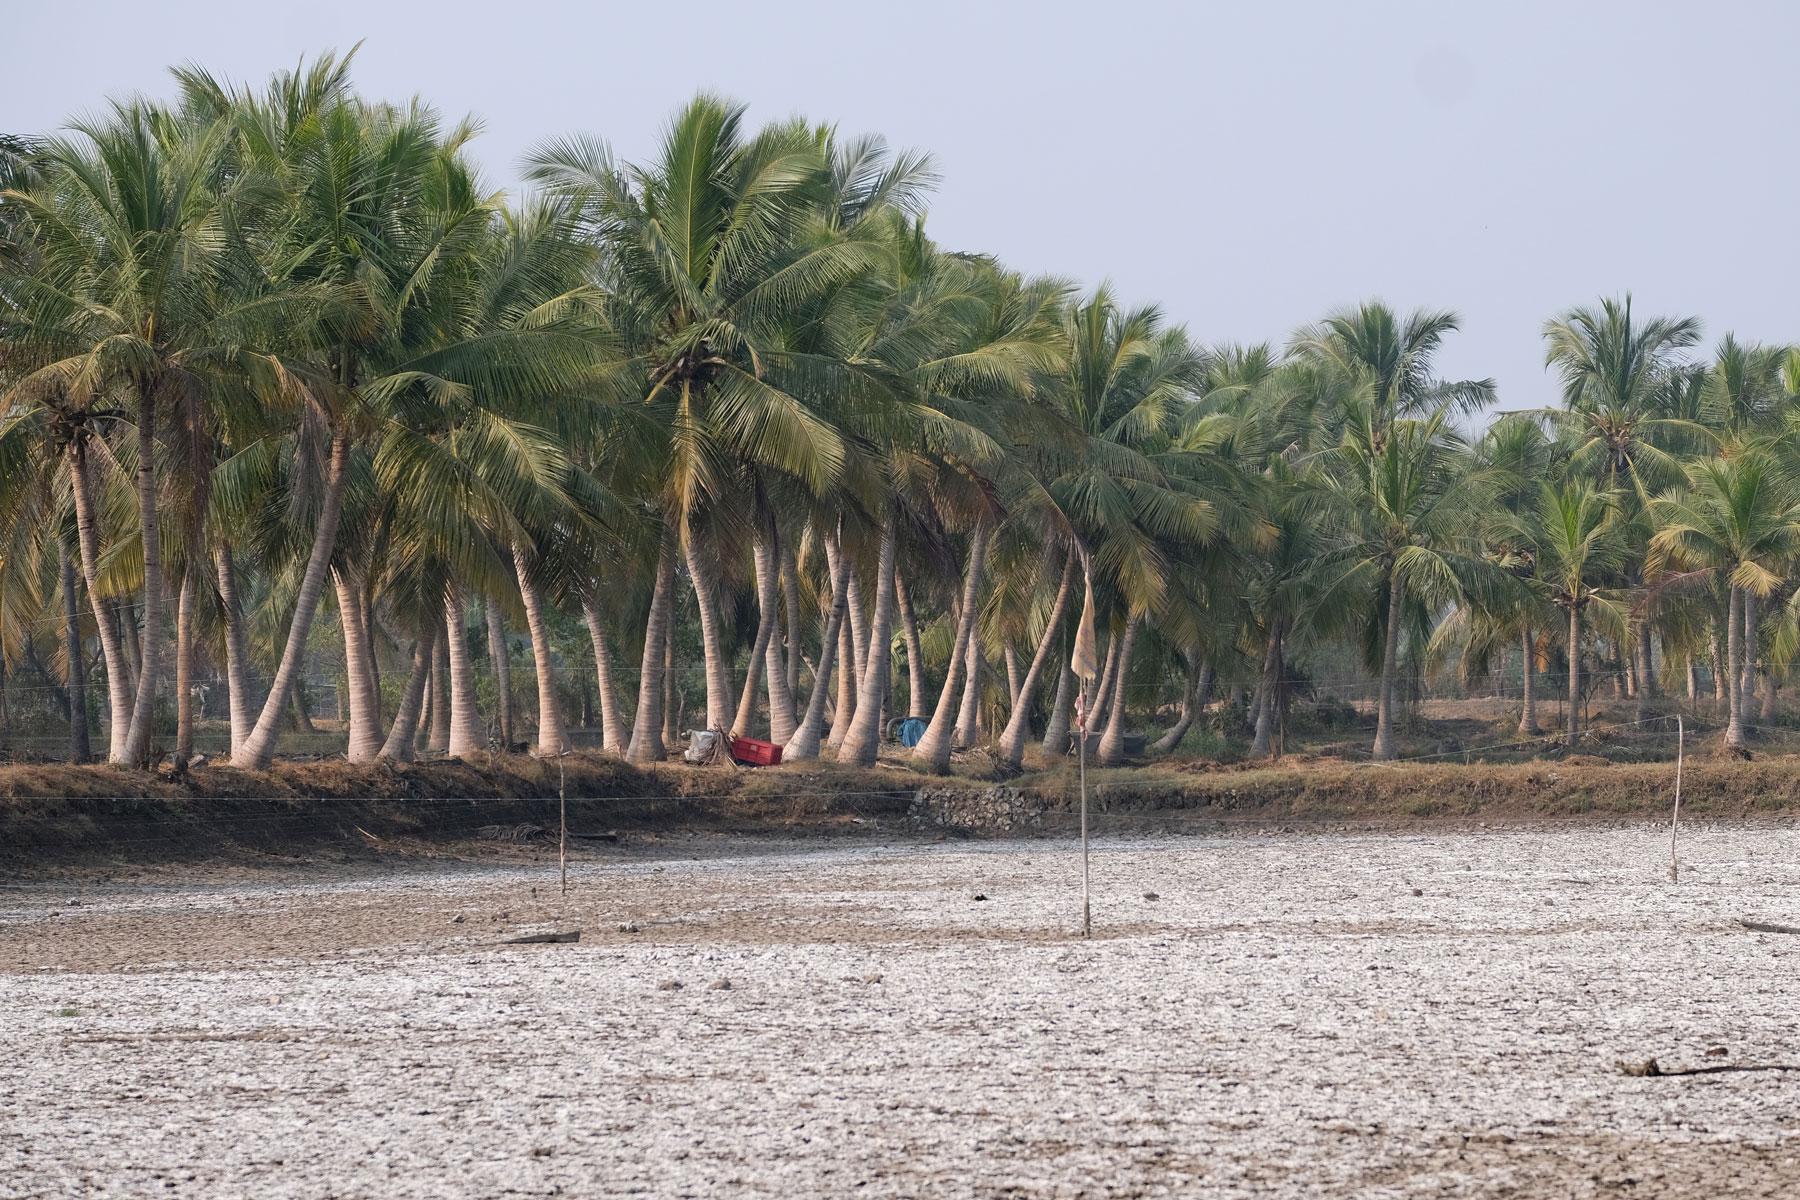 Ein versalzener Boden neben Palmen.